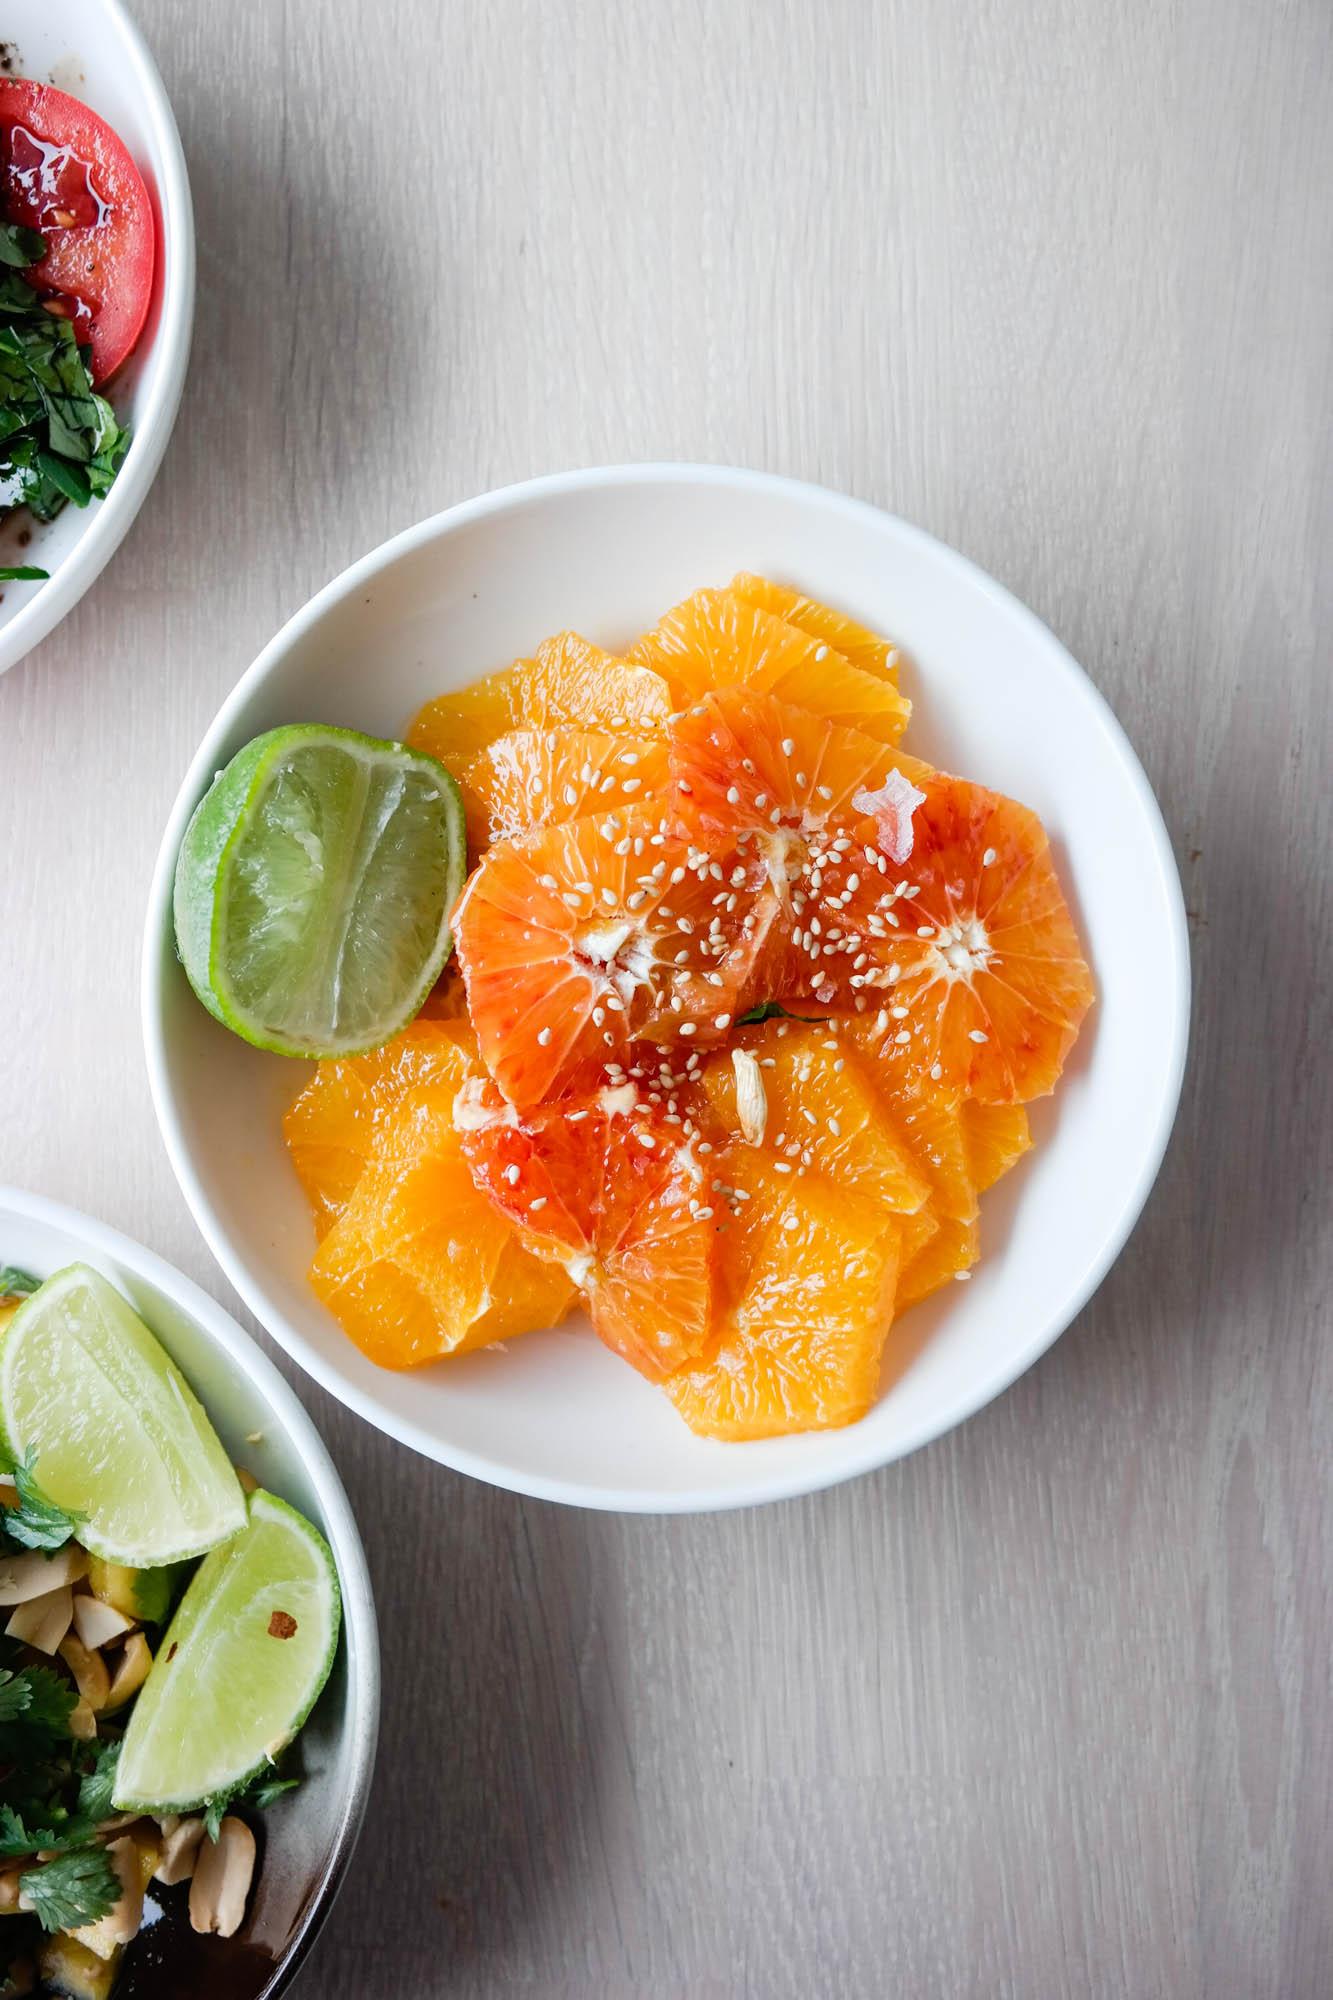 Appelsin, olivenolje, lønnesirup